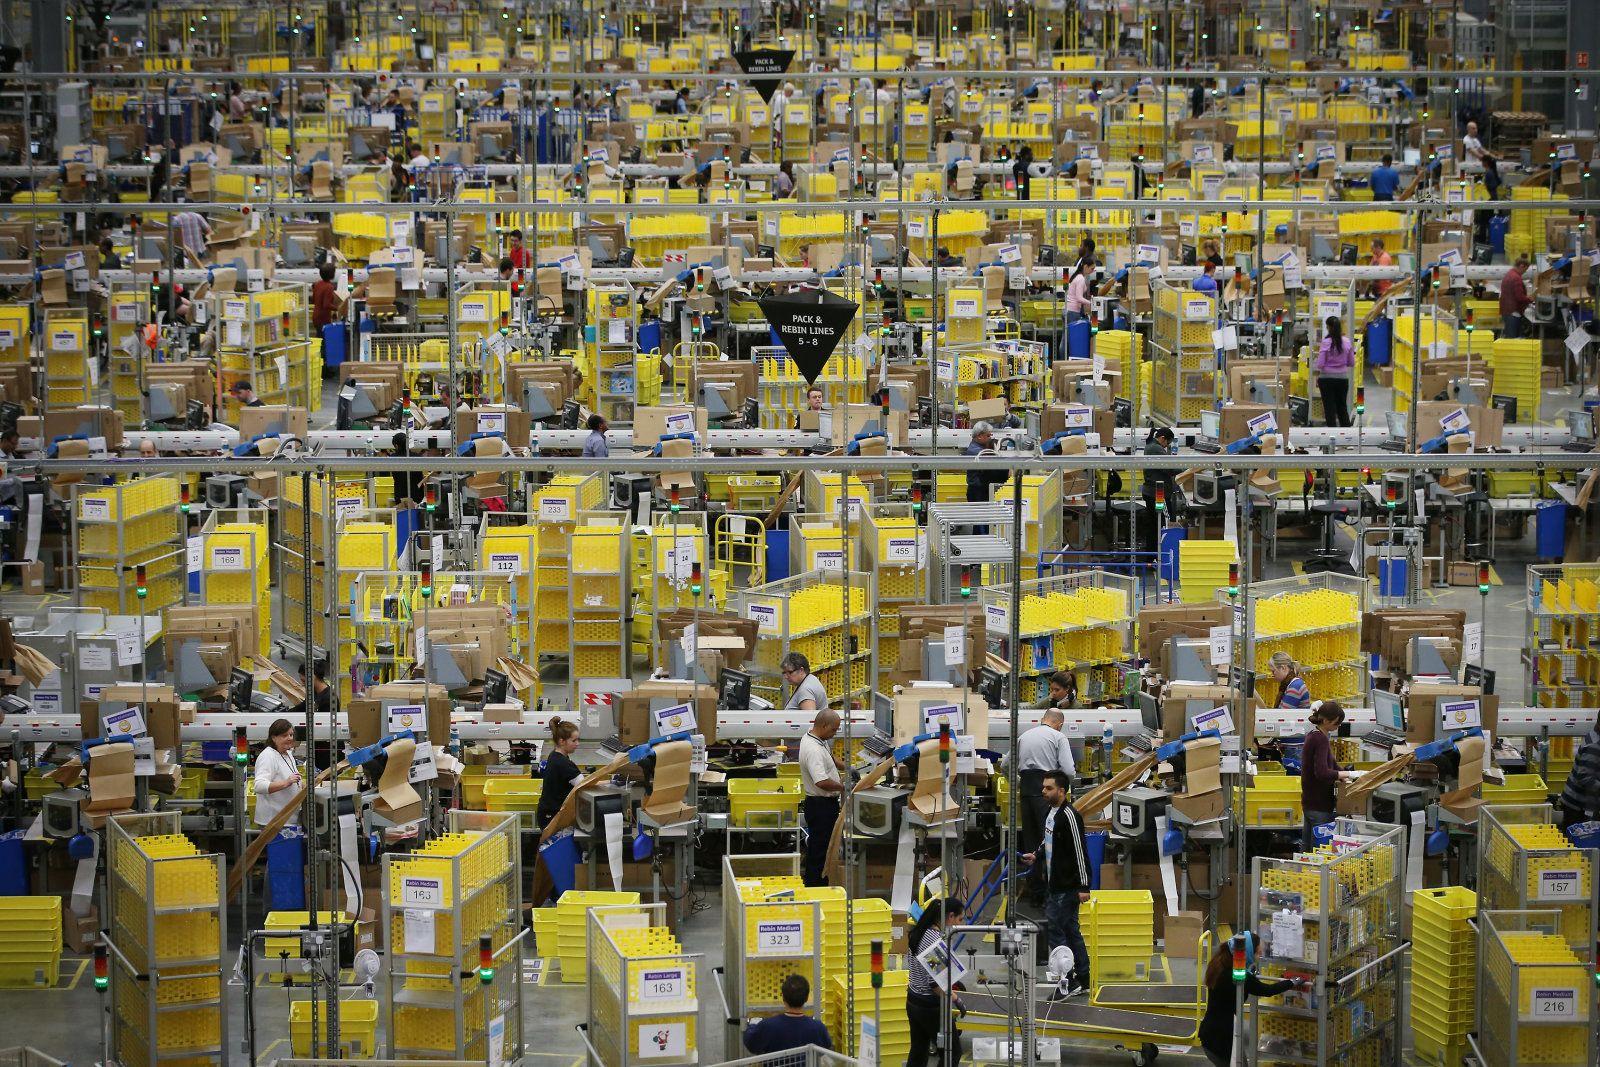 Amazon's Alexa push is making customers buy more Amazone